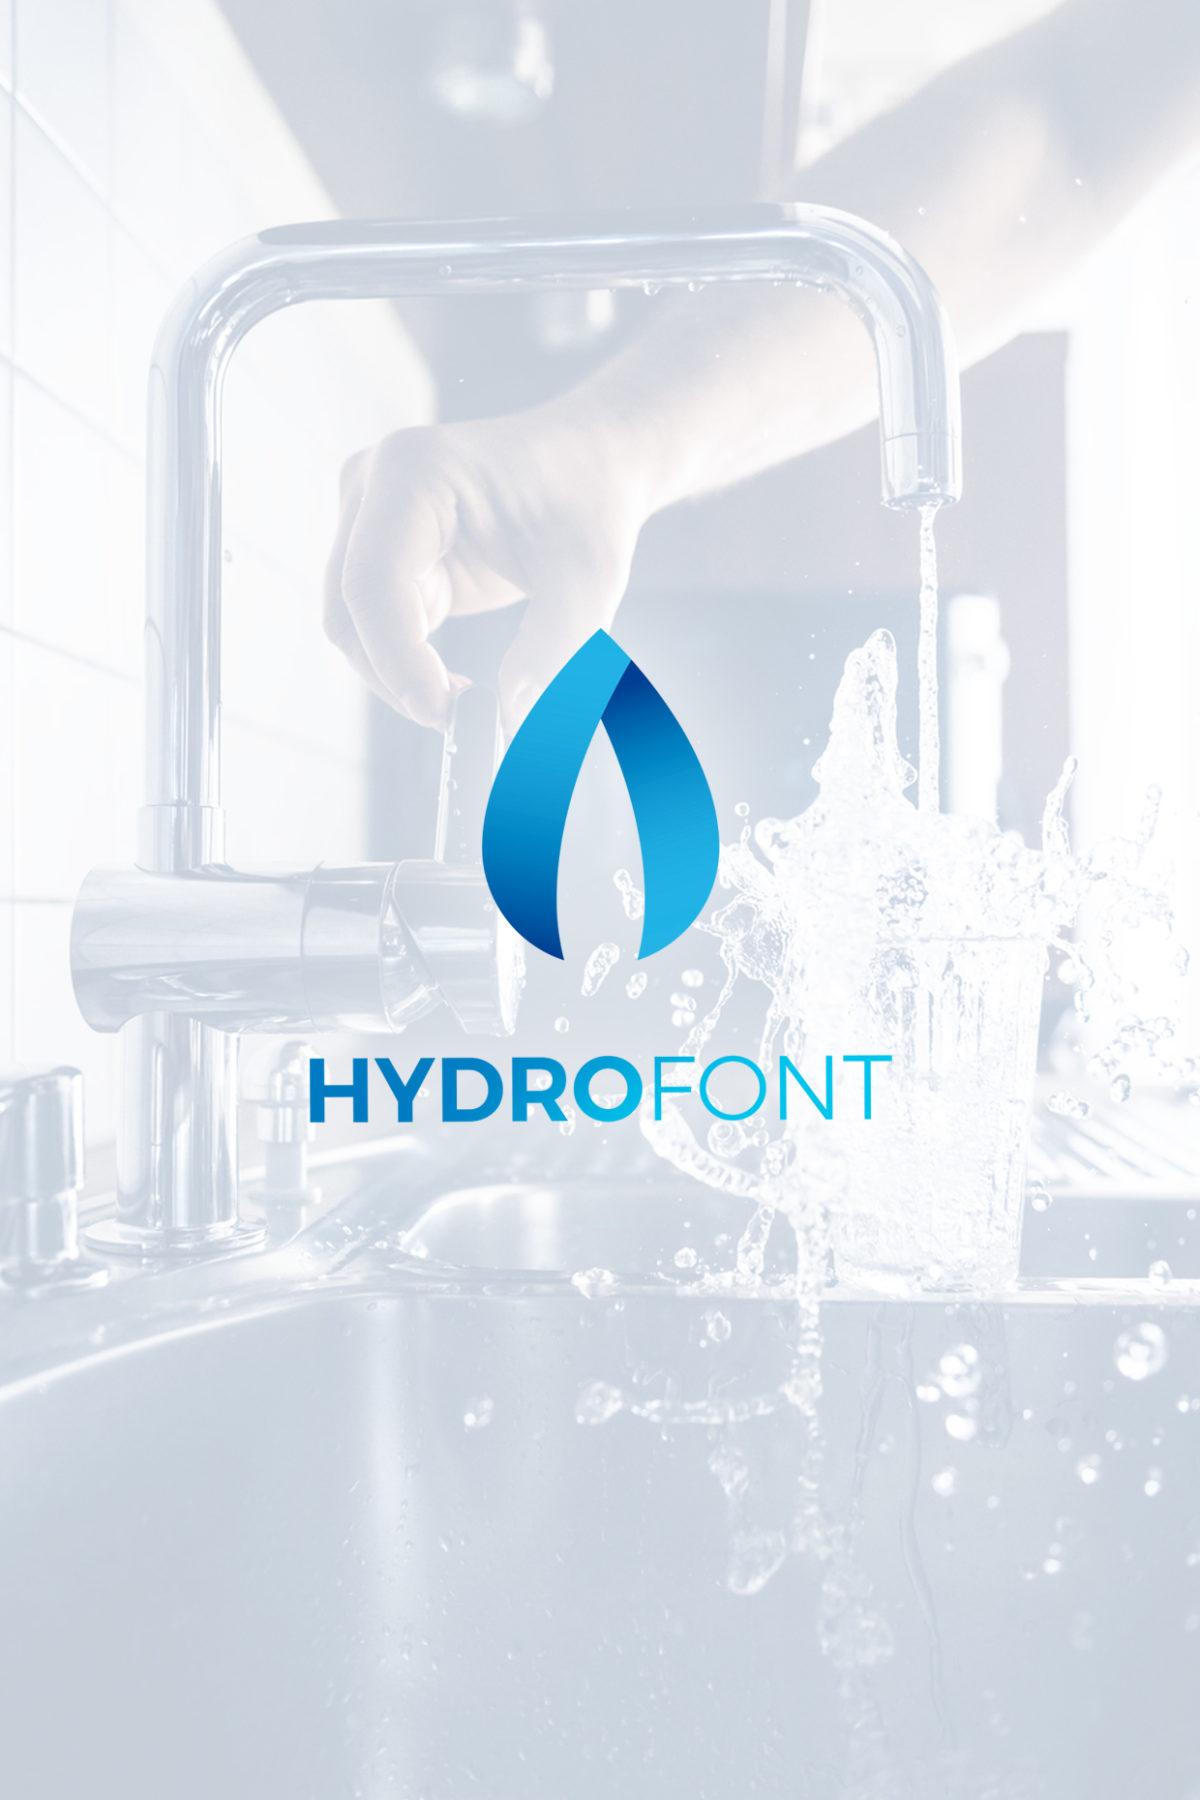 Diseño logo hydrofont